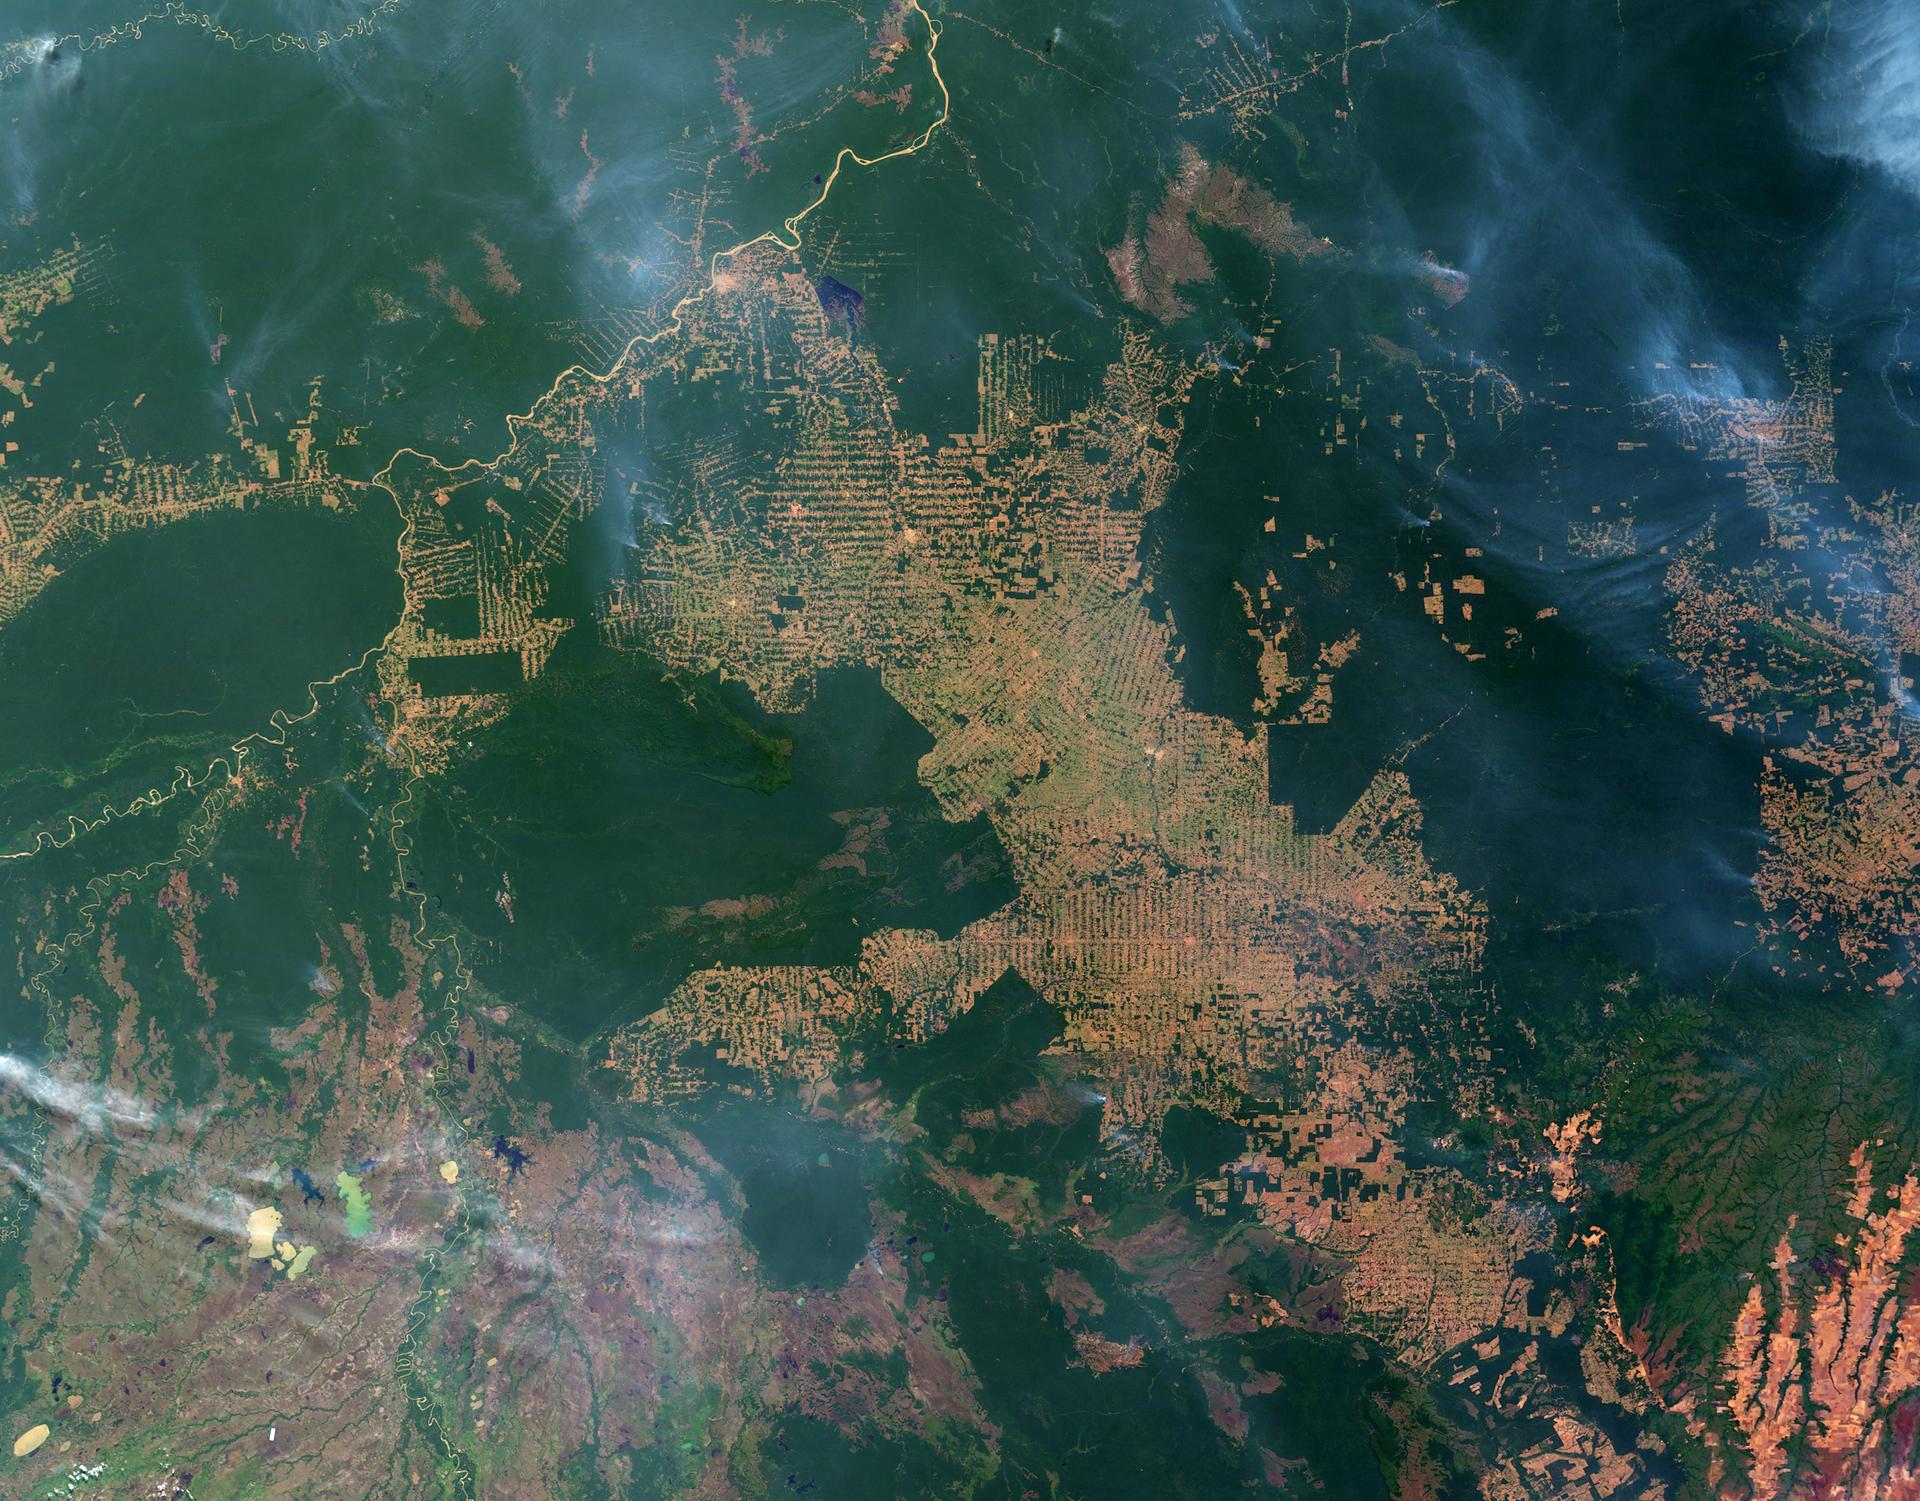 Zdjęcie satelitarne fragmentu Amazonii. Na zdjęciu obszary zielone to wilgotny las równikowy, natomiast obszary żółte to tereny, gdzie las został wycięty.